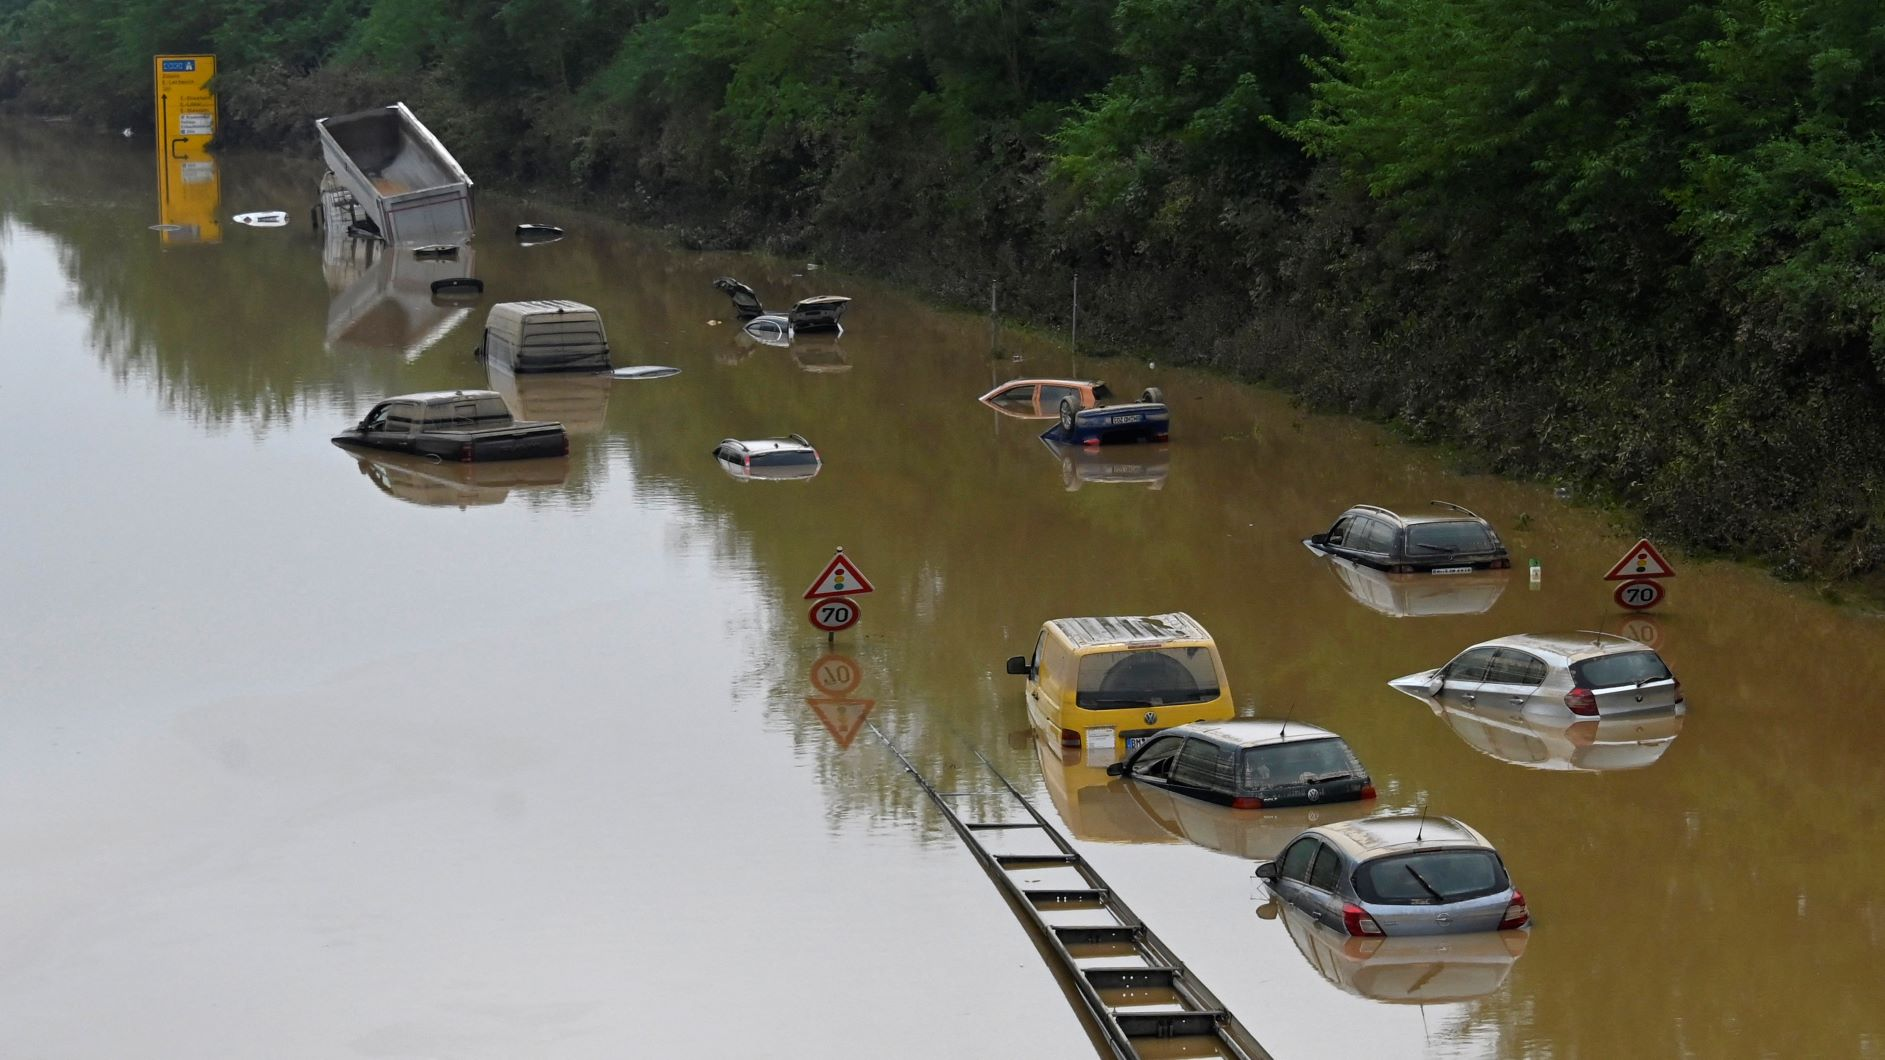 """Estrada submersa no oeste da Alemanha: especialistas analisam enchentes provocadas por chuvas """"extraordinárias"""" no verão europeu (Foto: Sebatien Bozon / AFP - 17/07/2021)"""